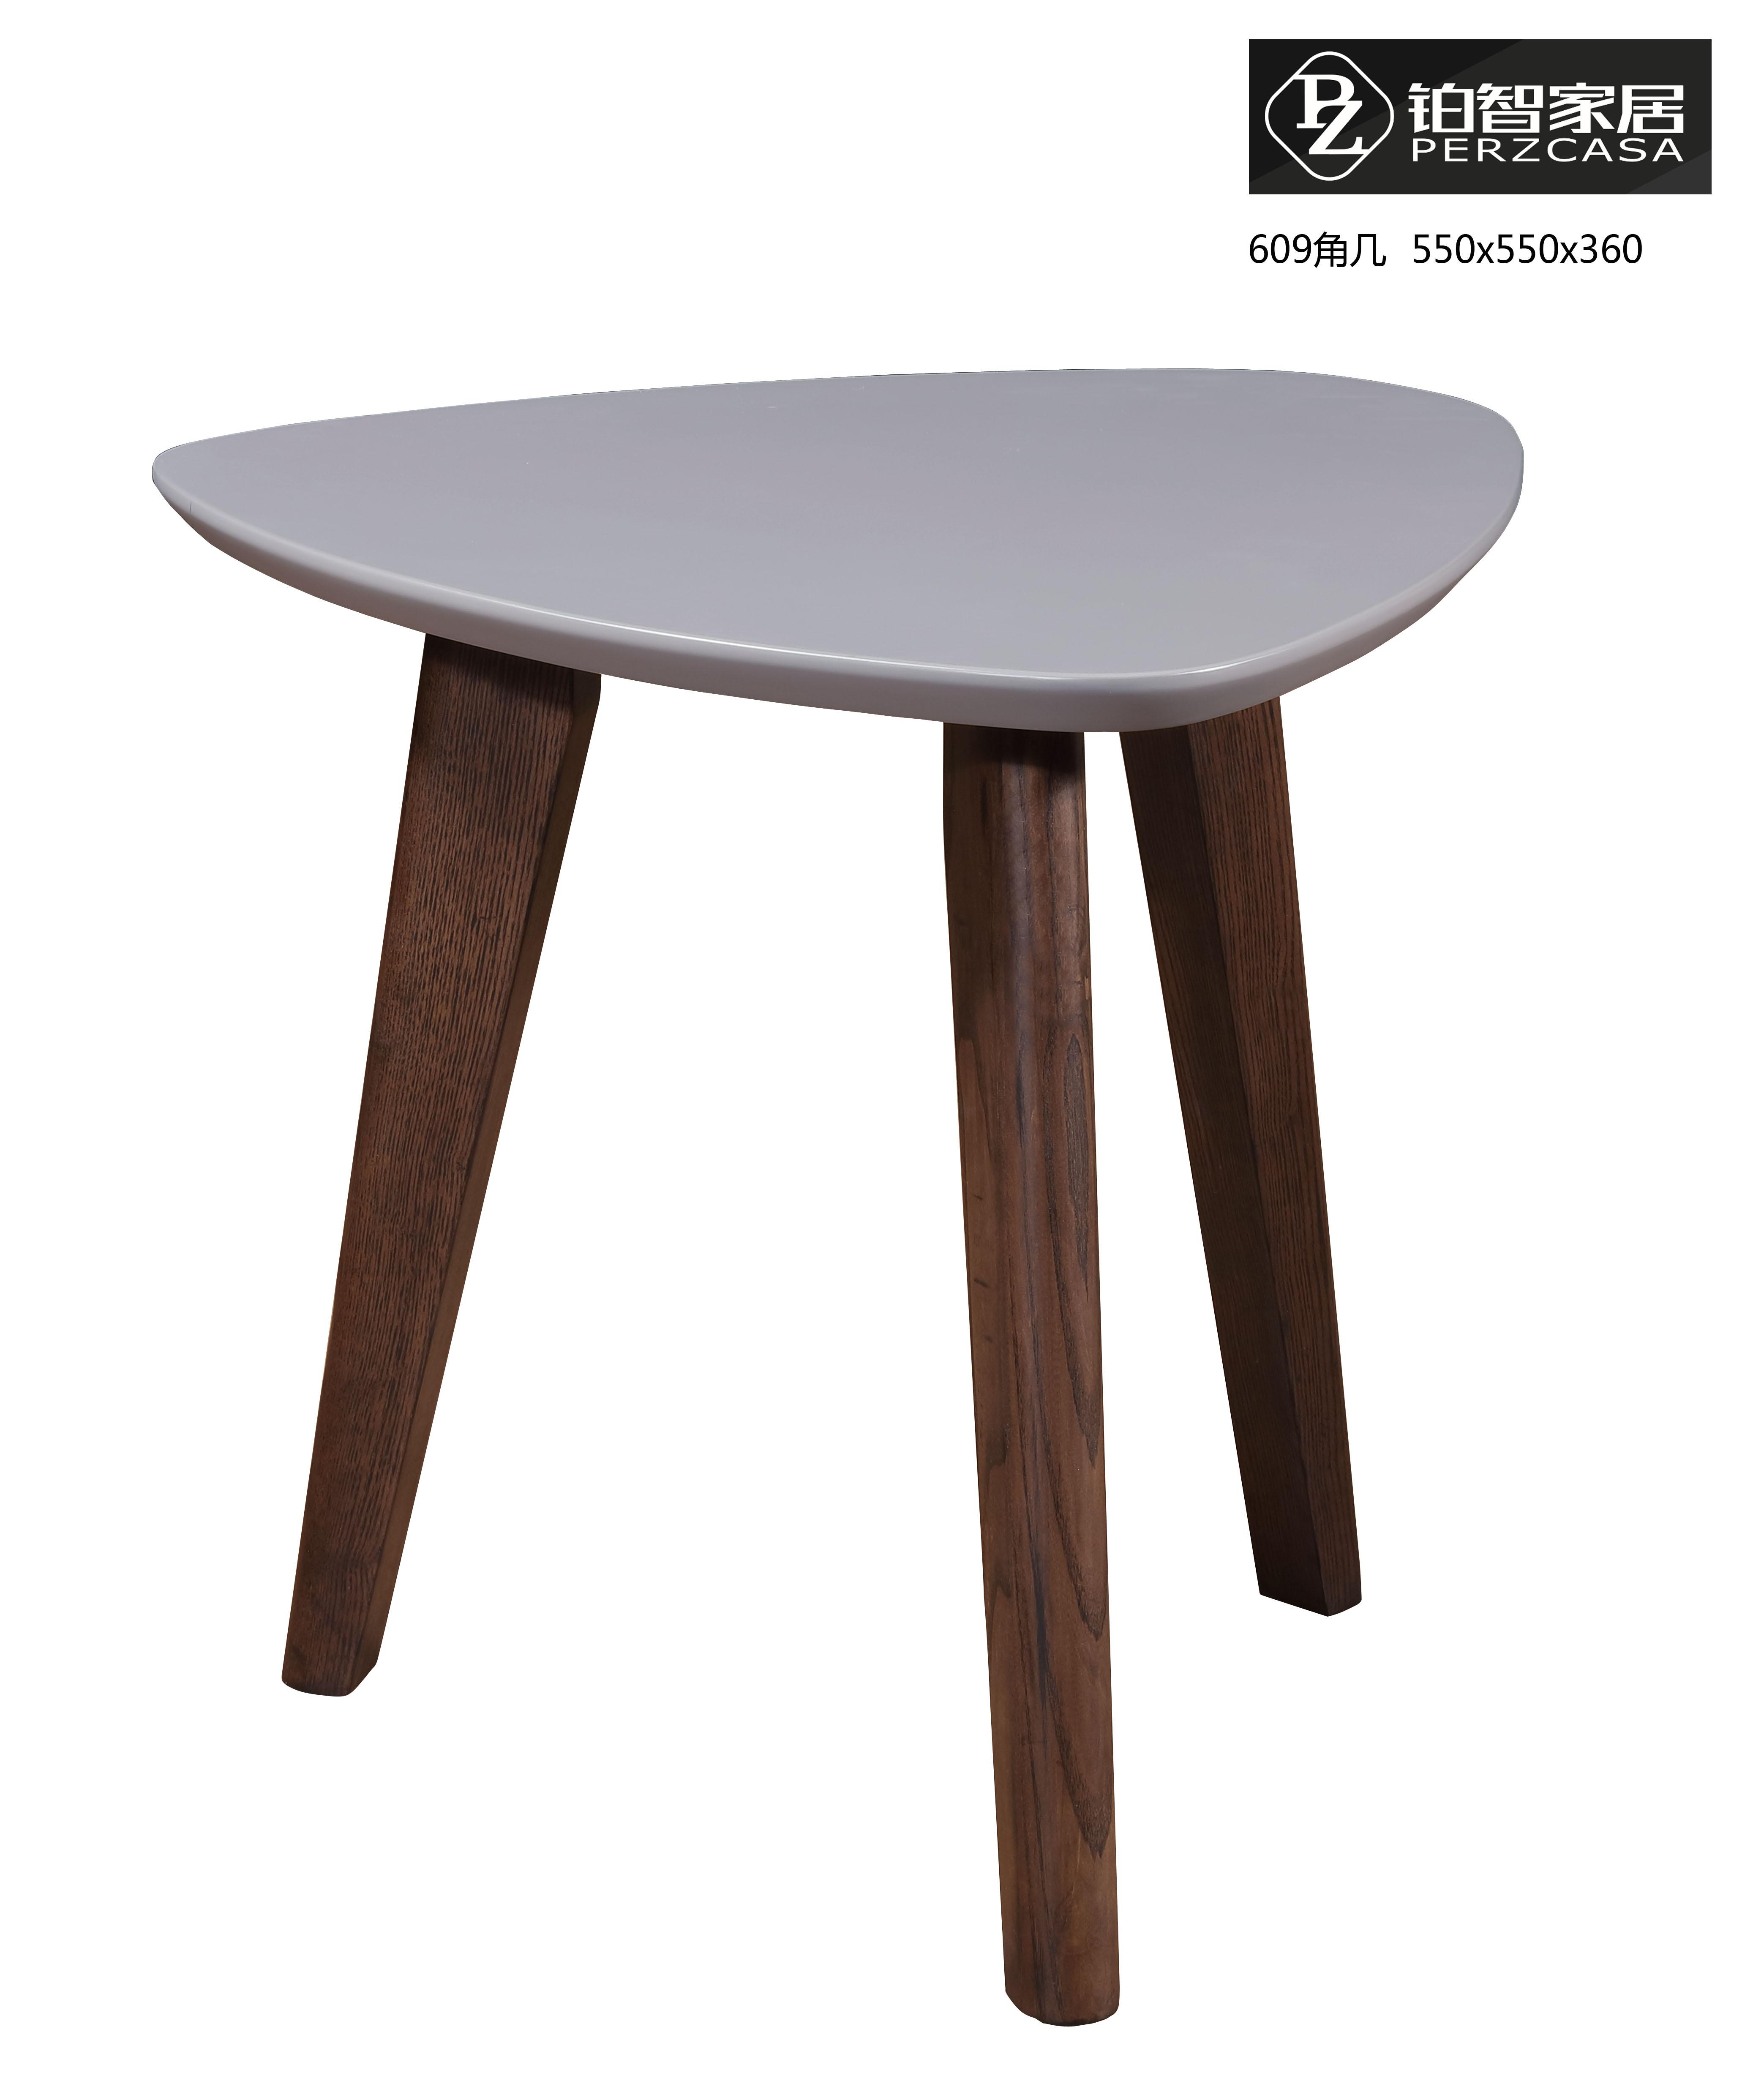 茶几简约客厅迷你小茶几矮桌边几小角几设计师个性创意北欧